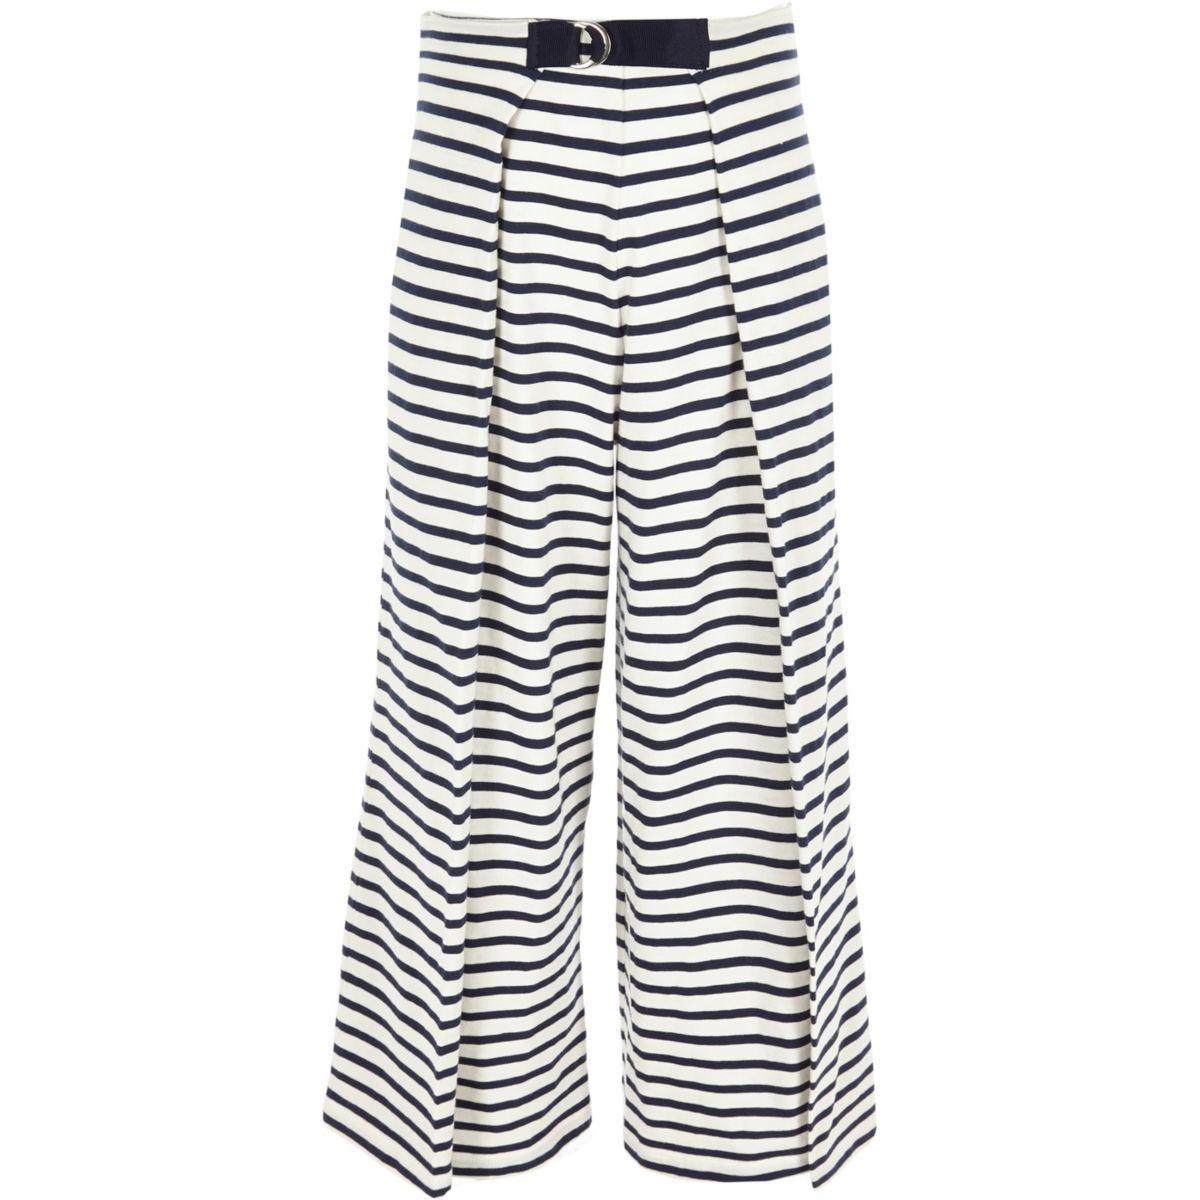 Jupe-culotte en jersey rayé blanc et bleu marine pour fille